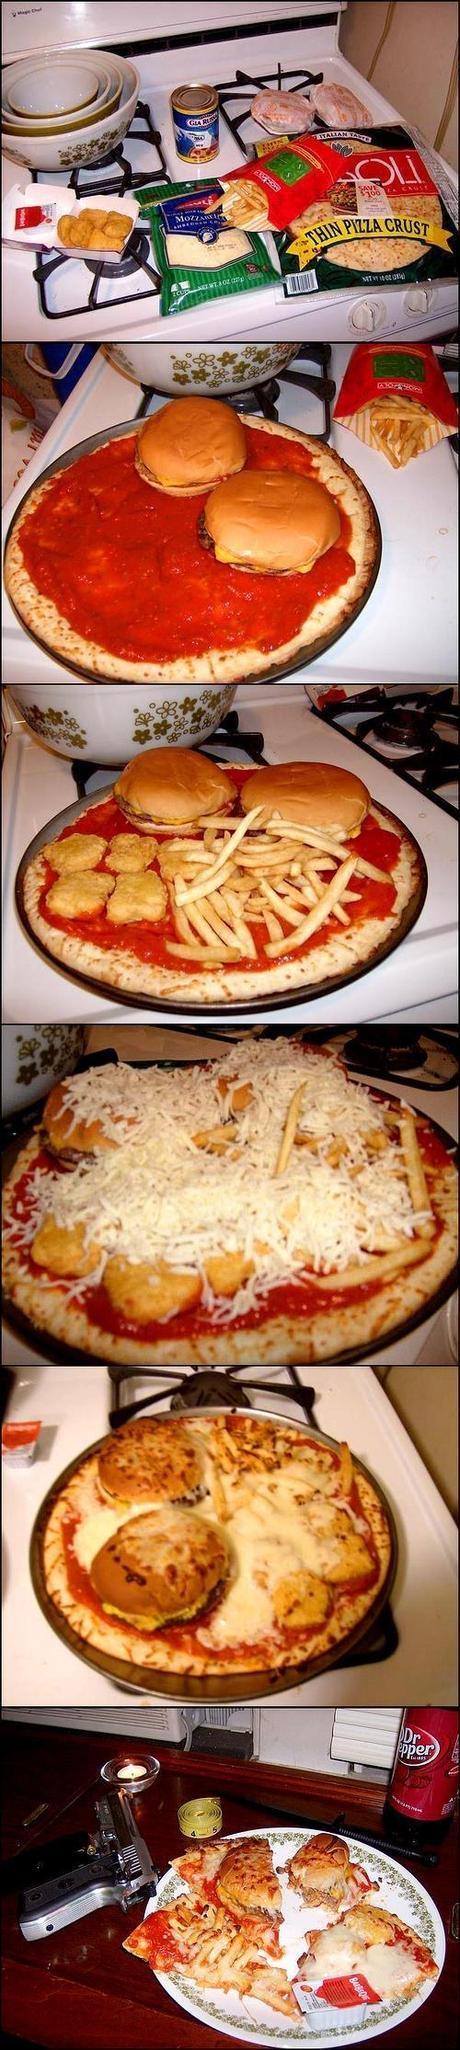 Pourquoi vous maltraitez la nourriture comme ça?